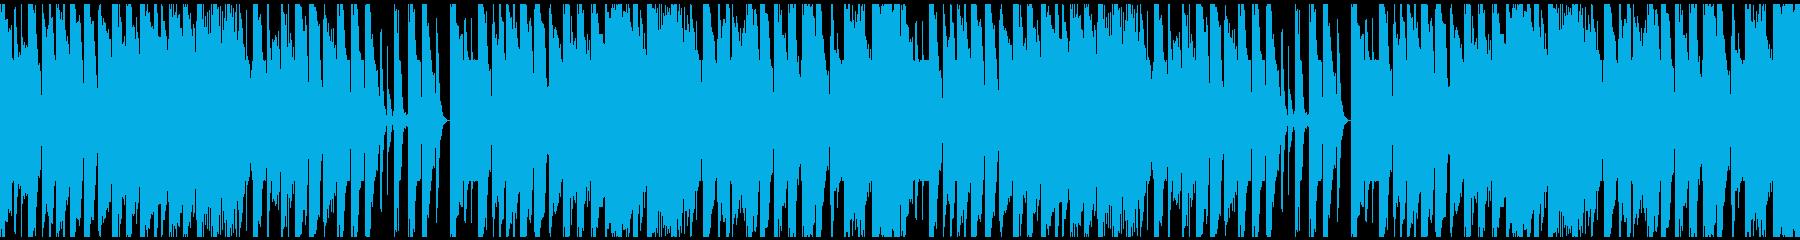 迫力とパワーのあるDnB ループ対応の再生済みの波形